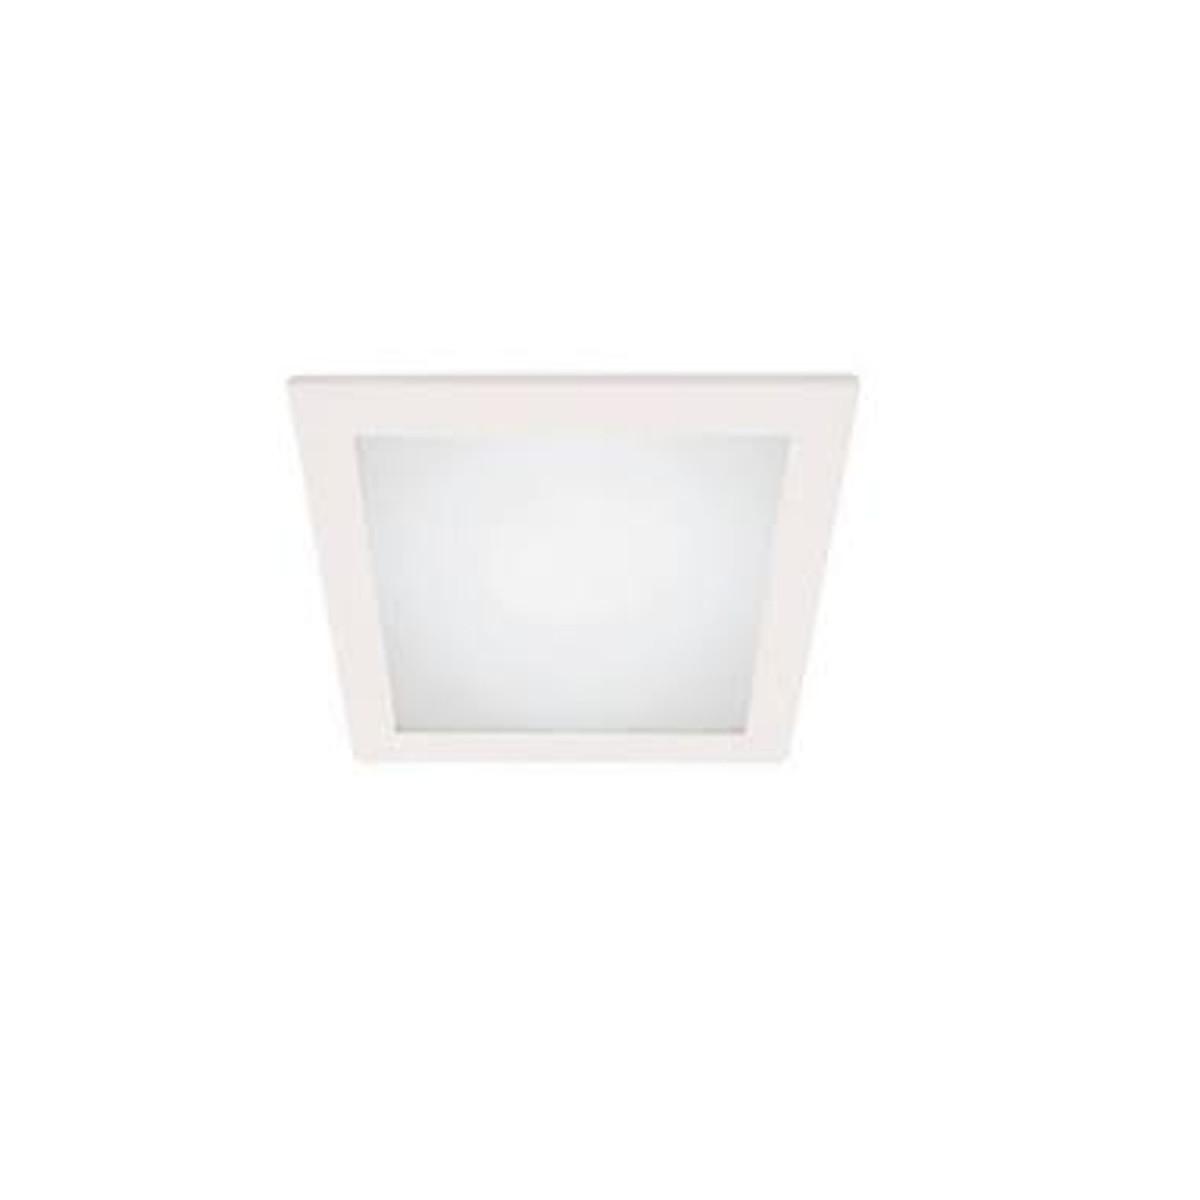 Luminária Led de Embutir Branca Solution Led Square LLUM - 127V 10W